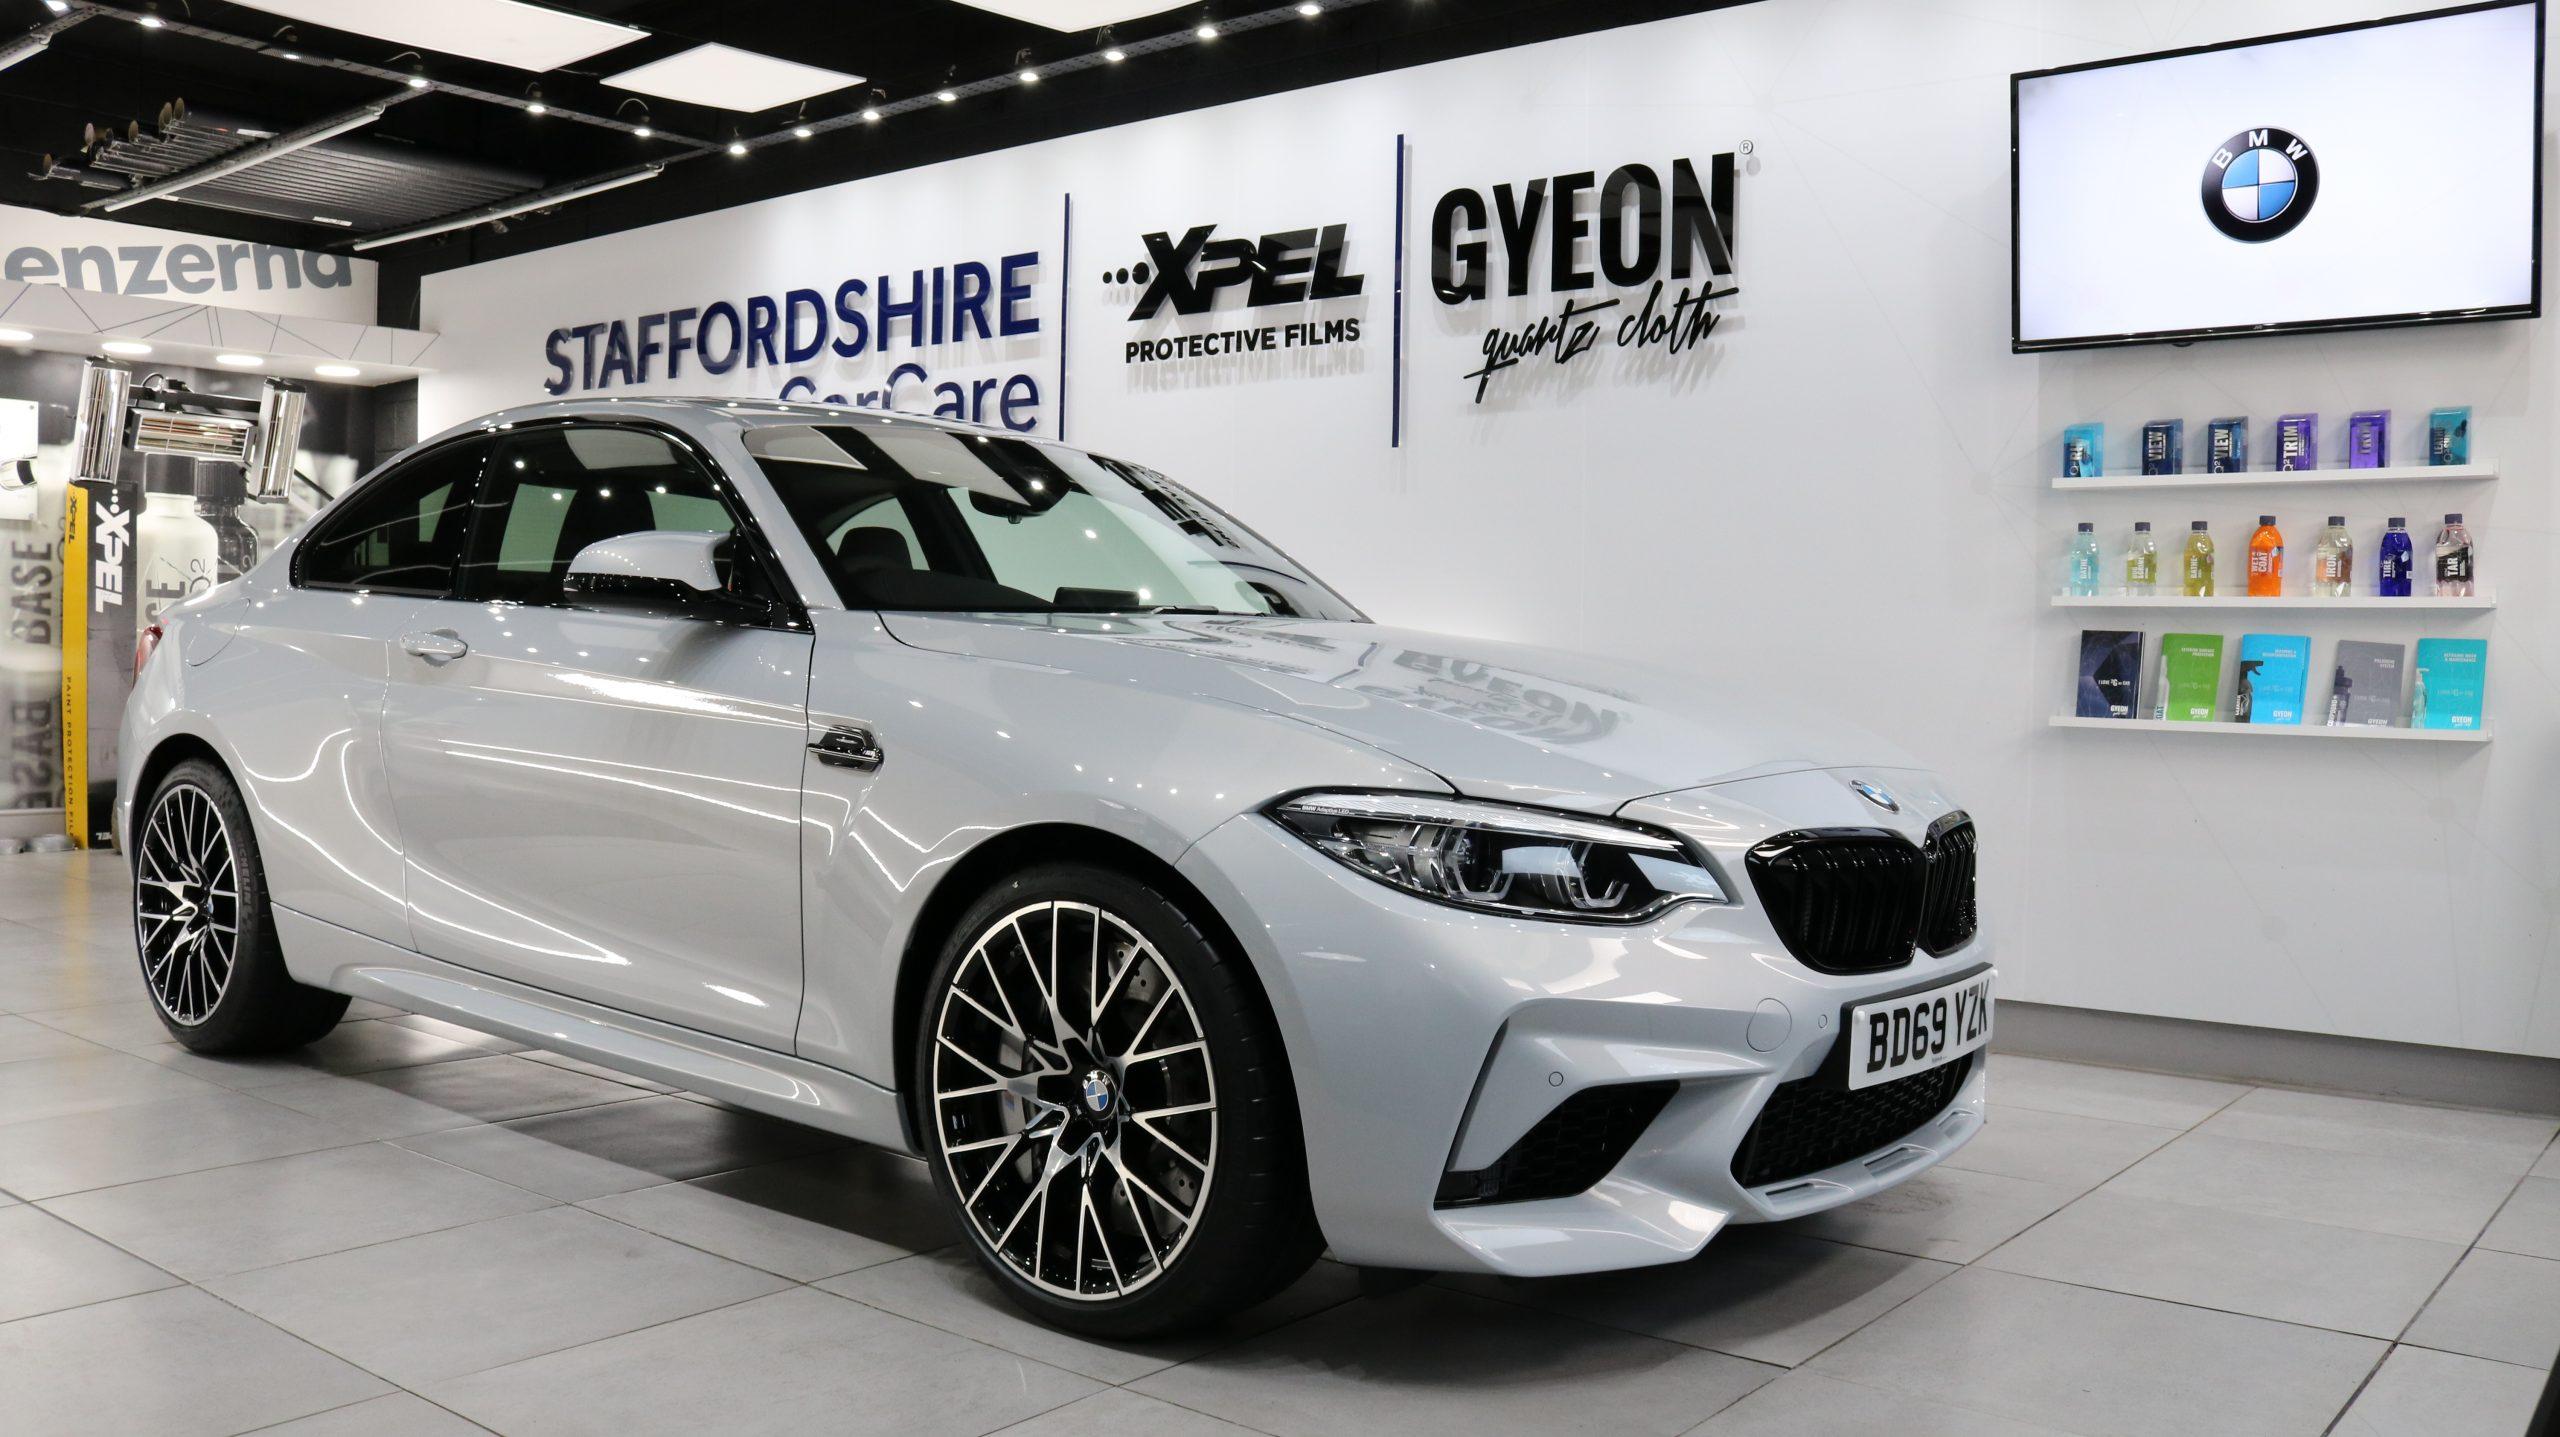 BMW - GYEON - XPEL